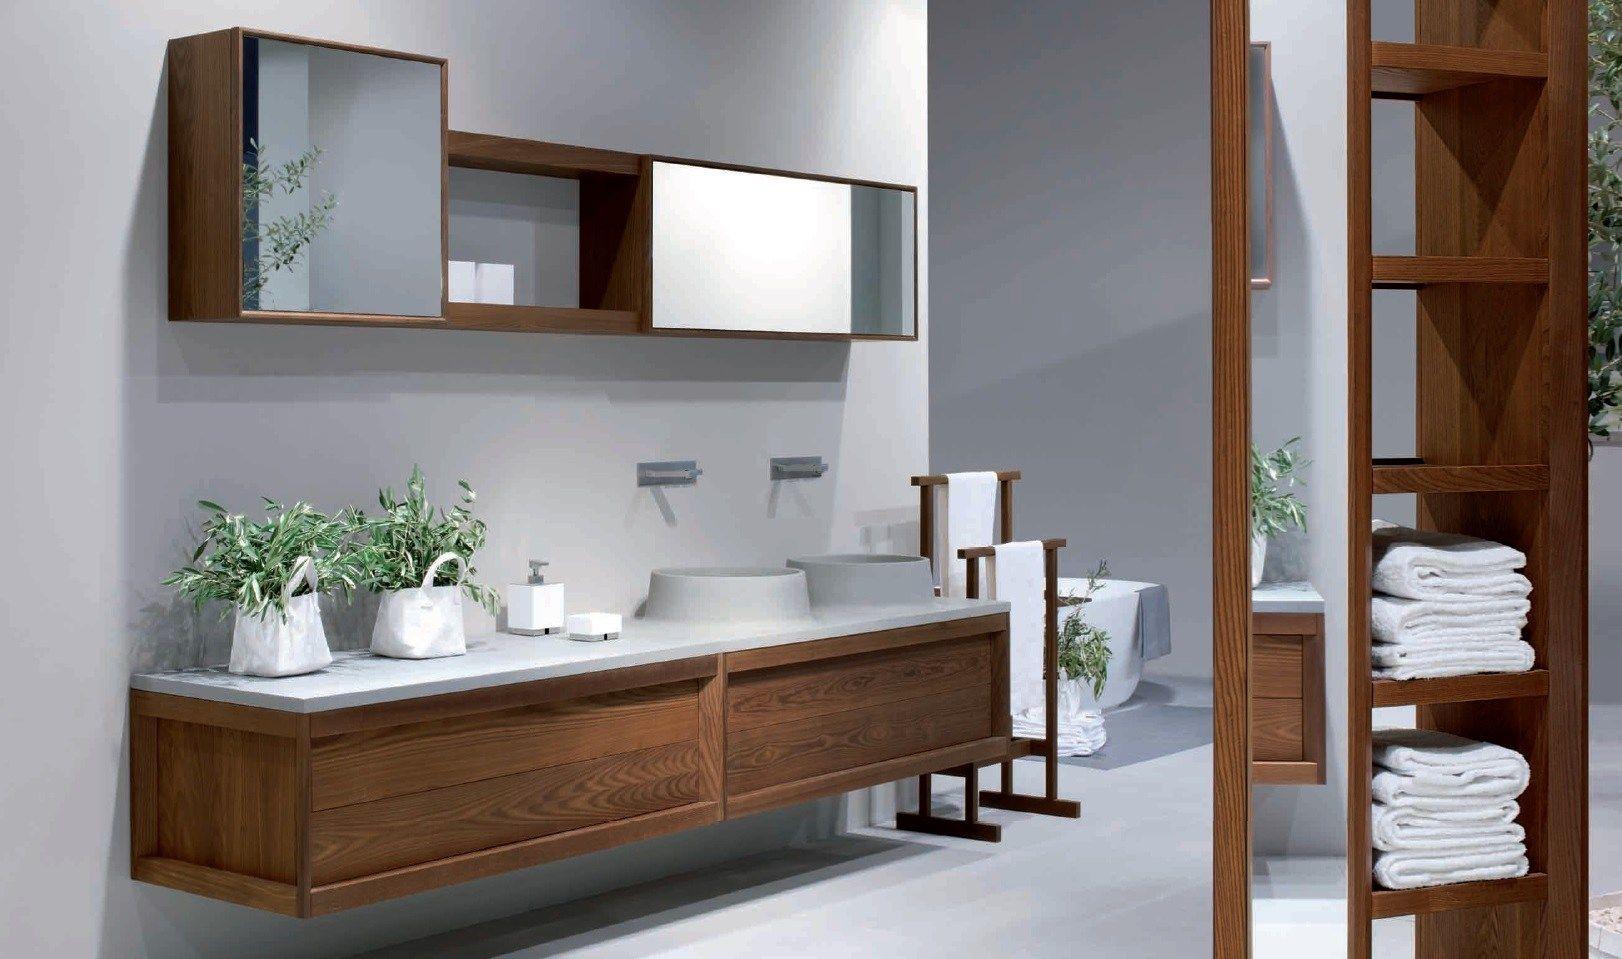 Vela m vel de parede com espelho by gd arredamenti design for Berti arredamenti